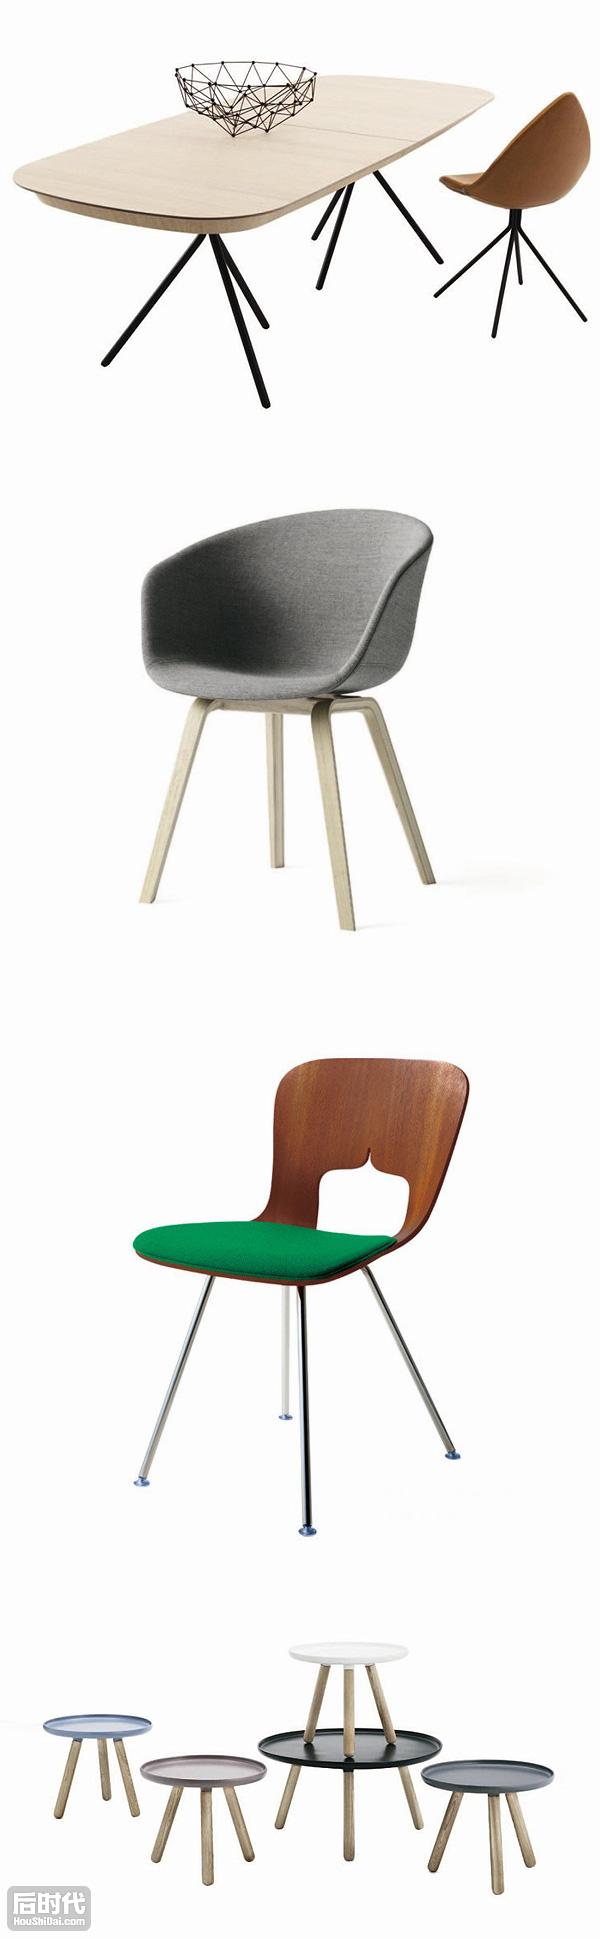 柳宗理:日本老一代工业设计大师